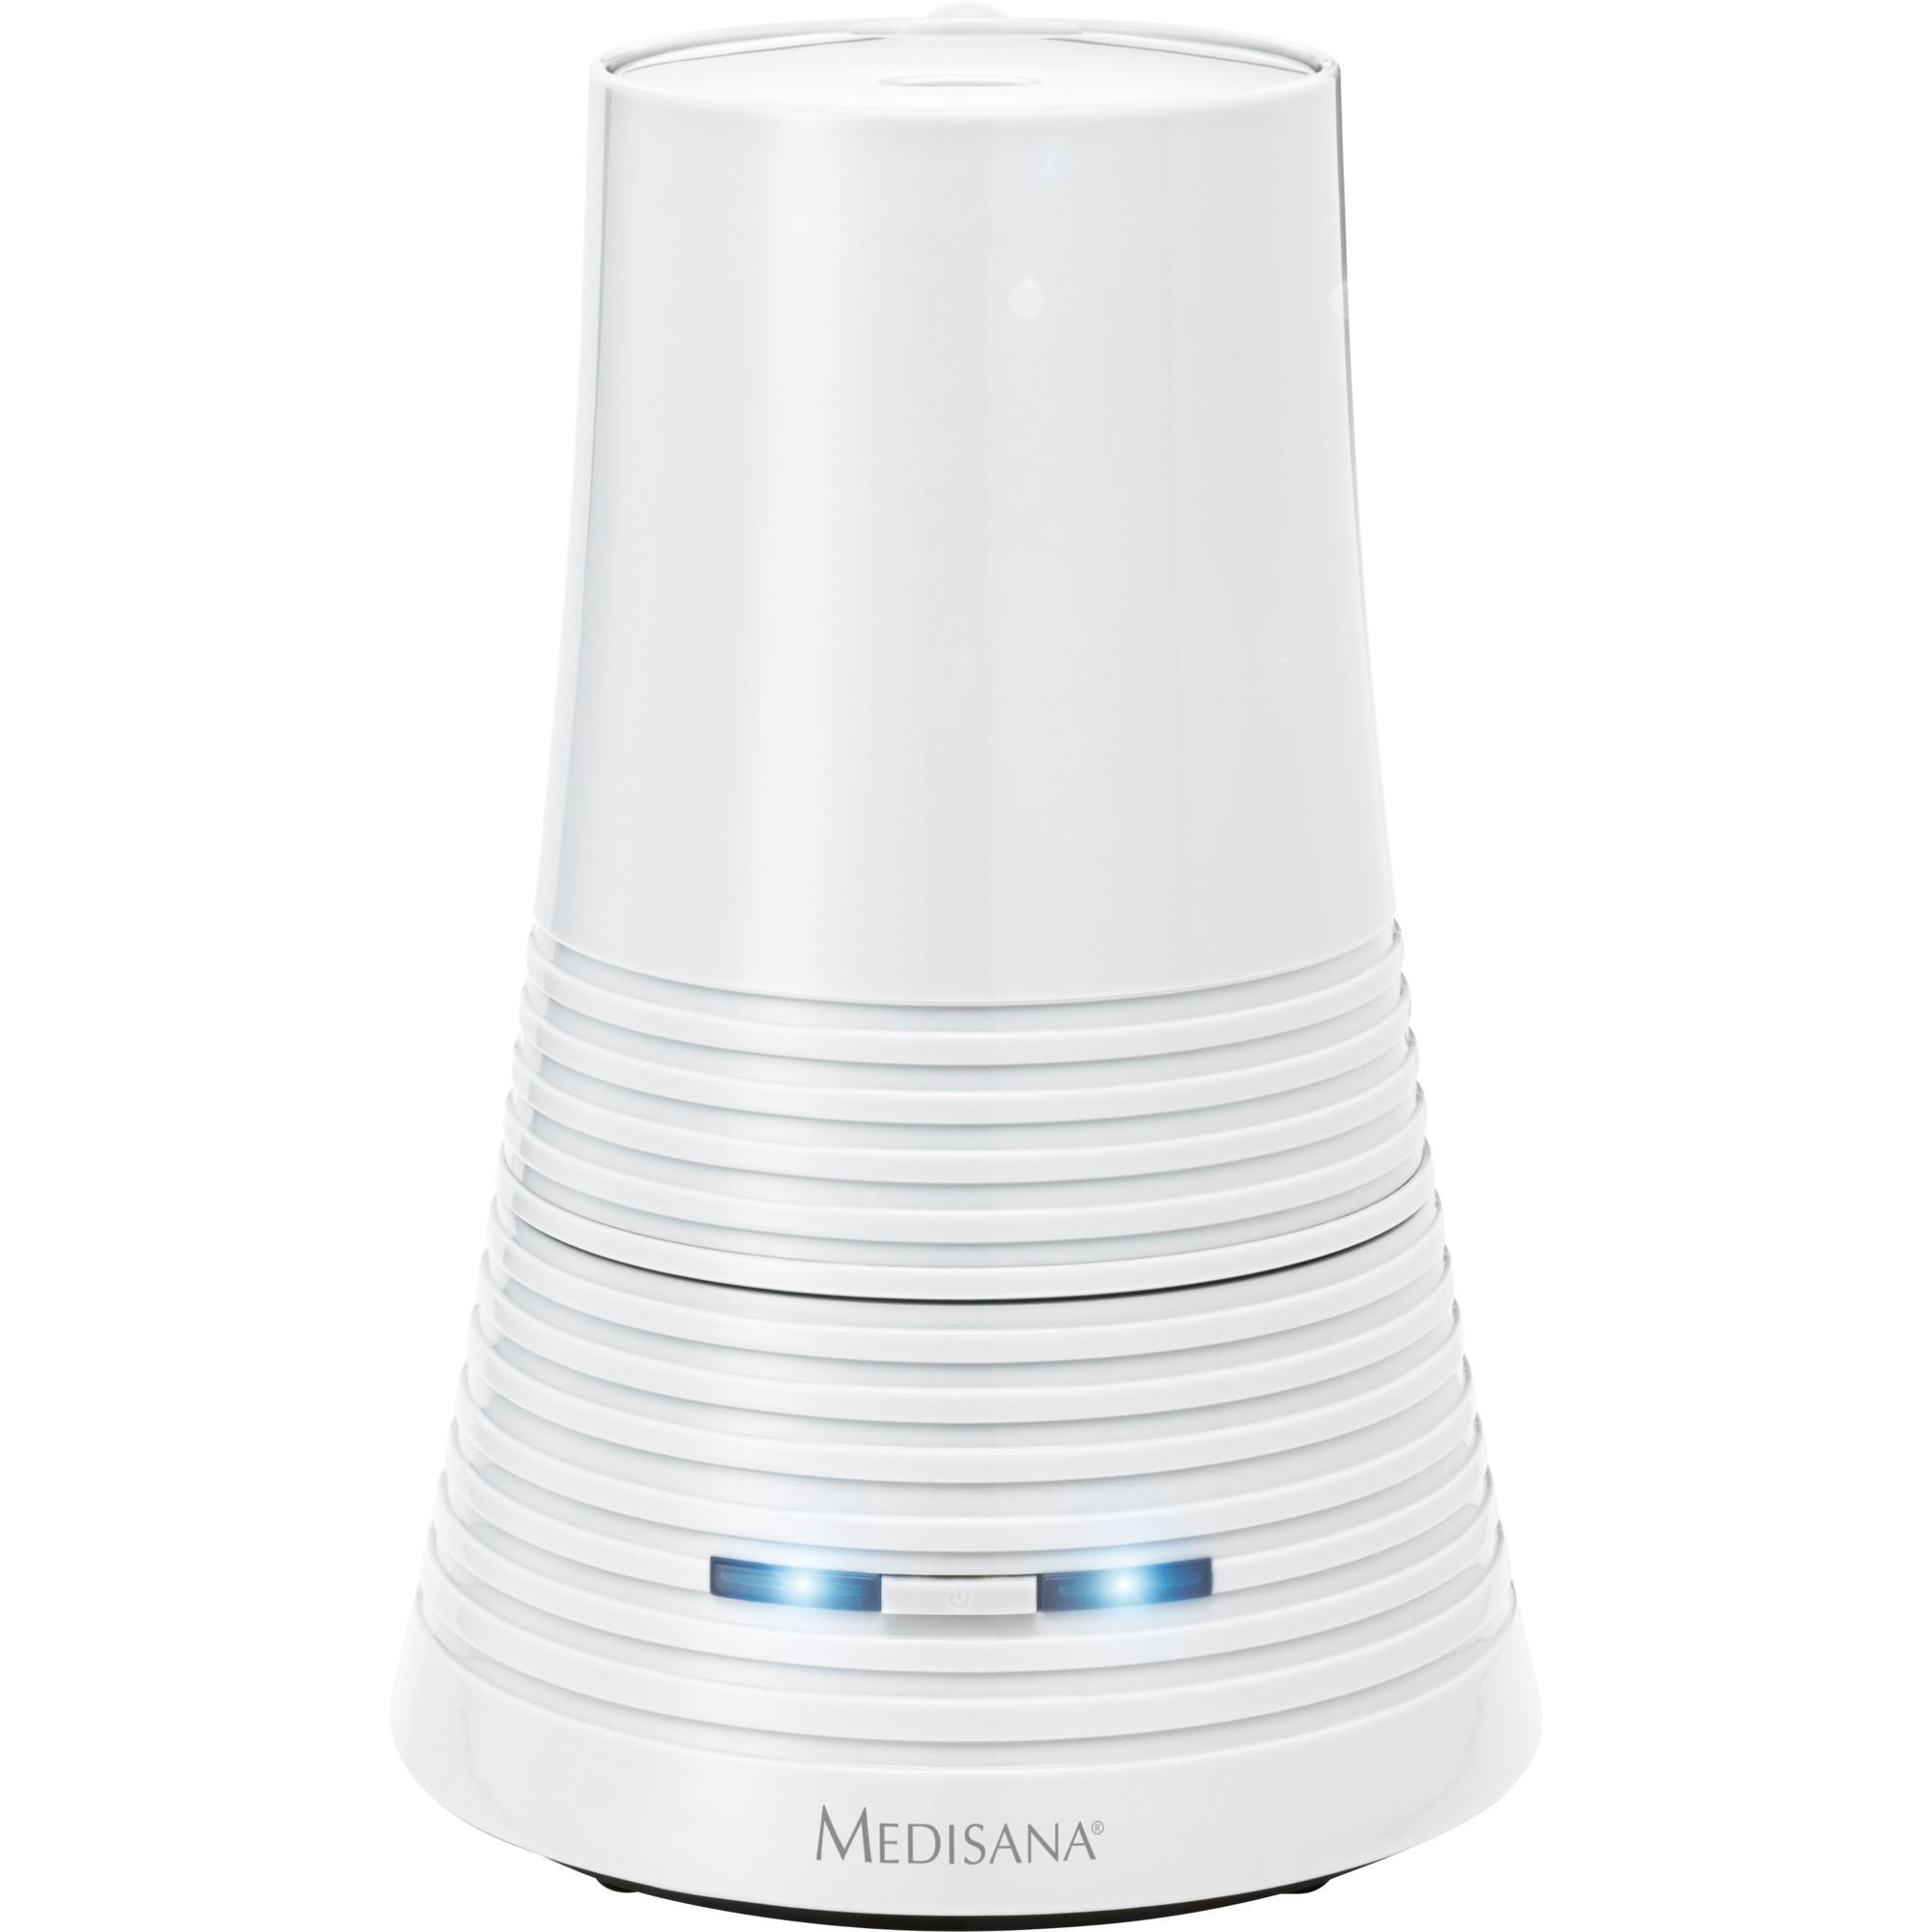 Ultrasónica 0.9L 12W Blanco humidificador